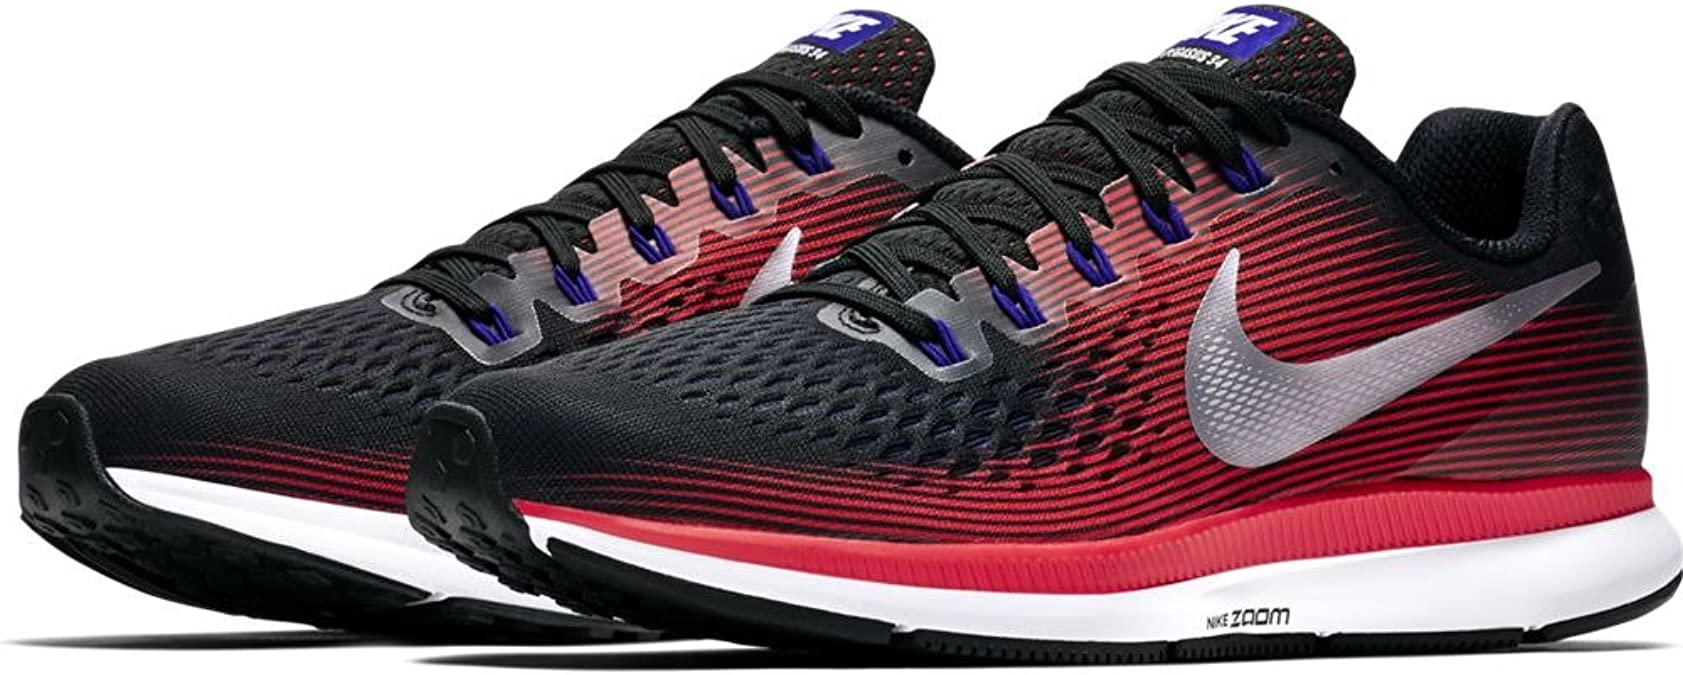 NIKE Air Zoom Pegasus 34, Zapatillas de Running para Hombre: MainApps: Amazon.es: Zapatos y complementos